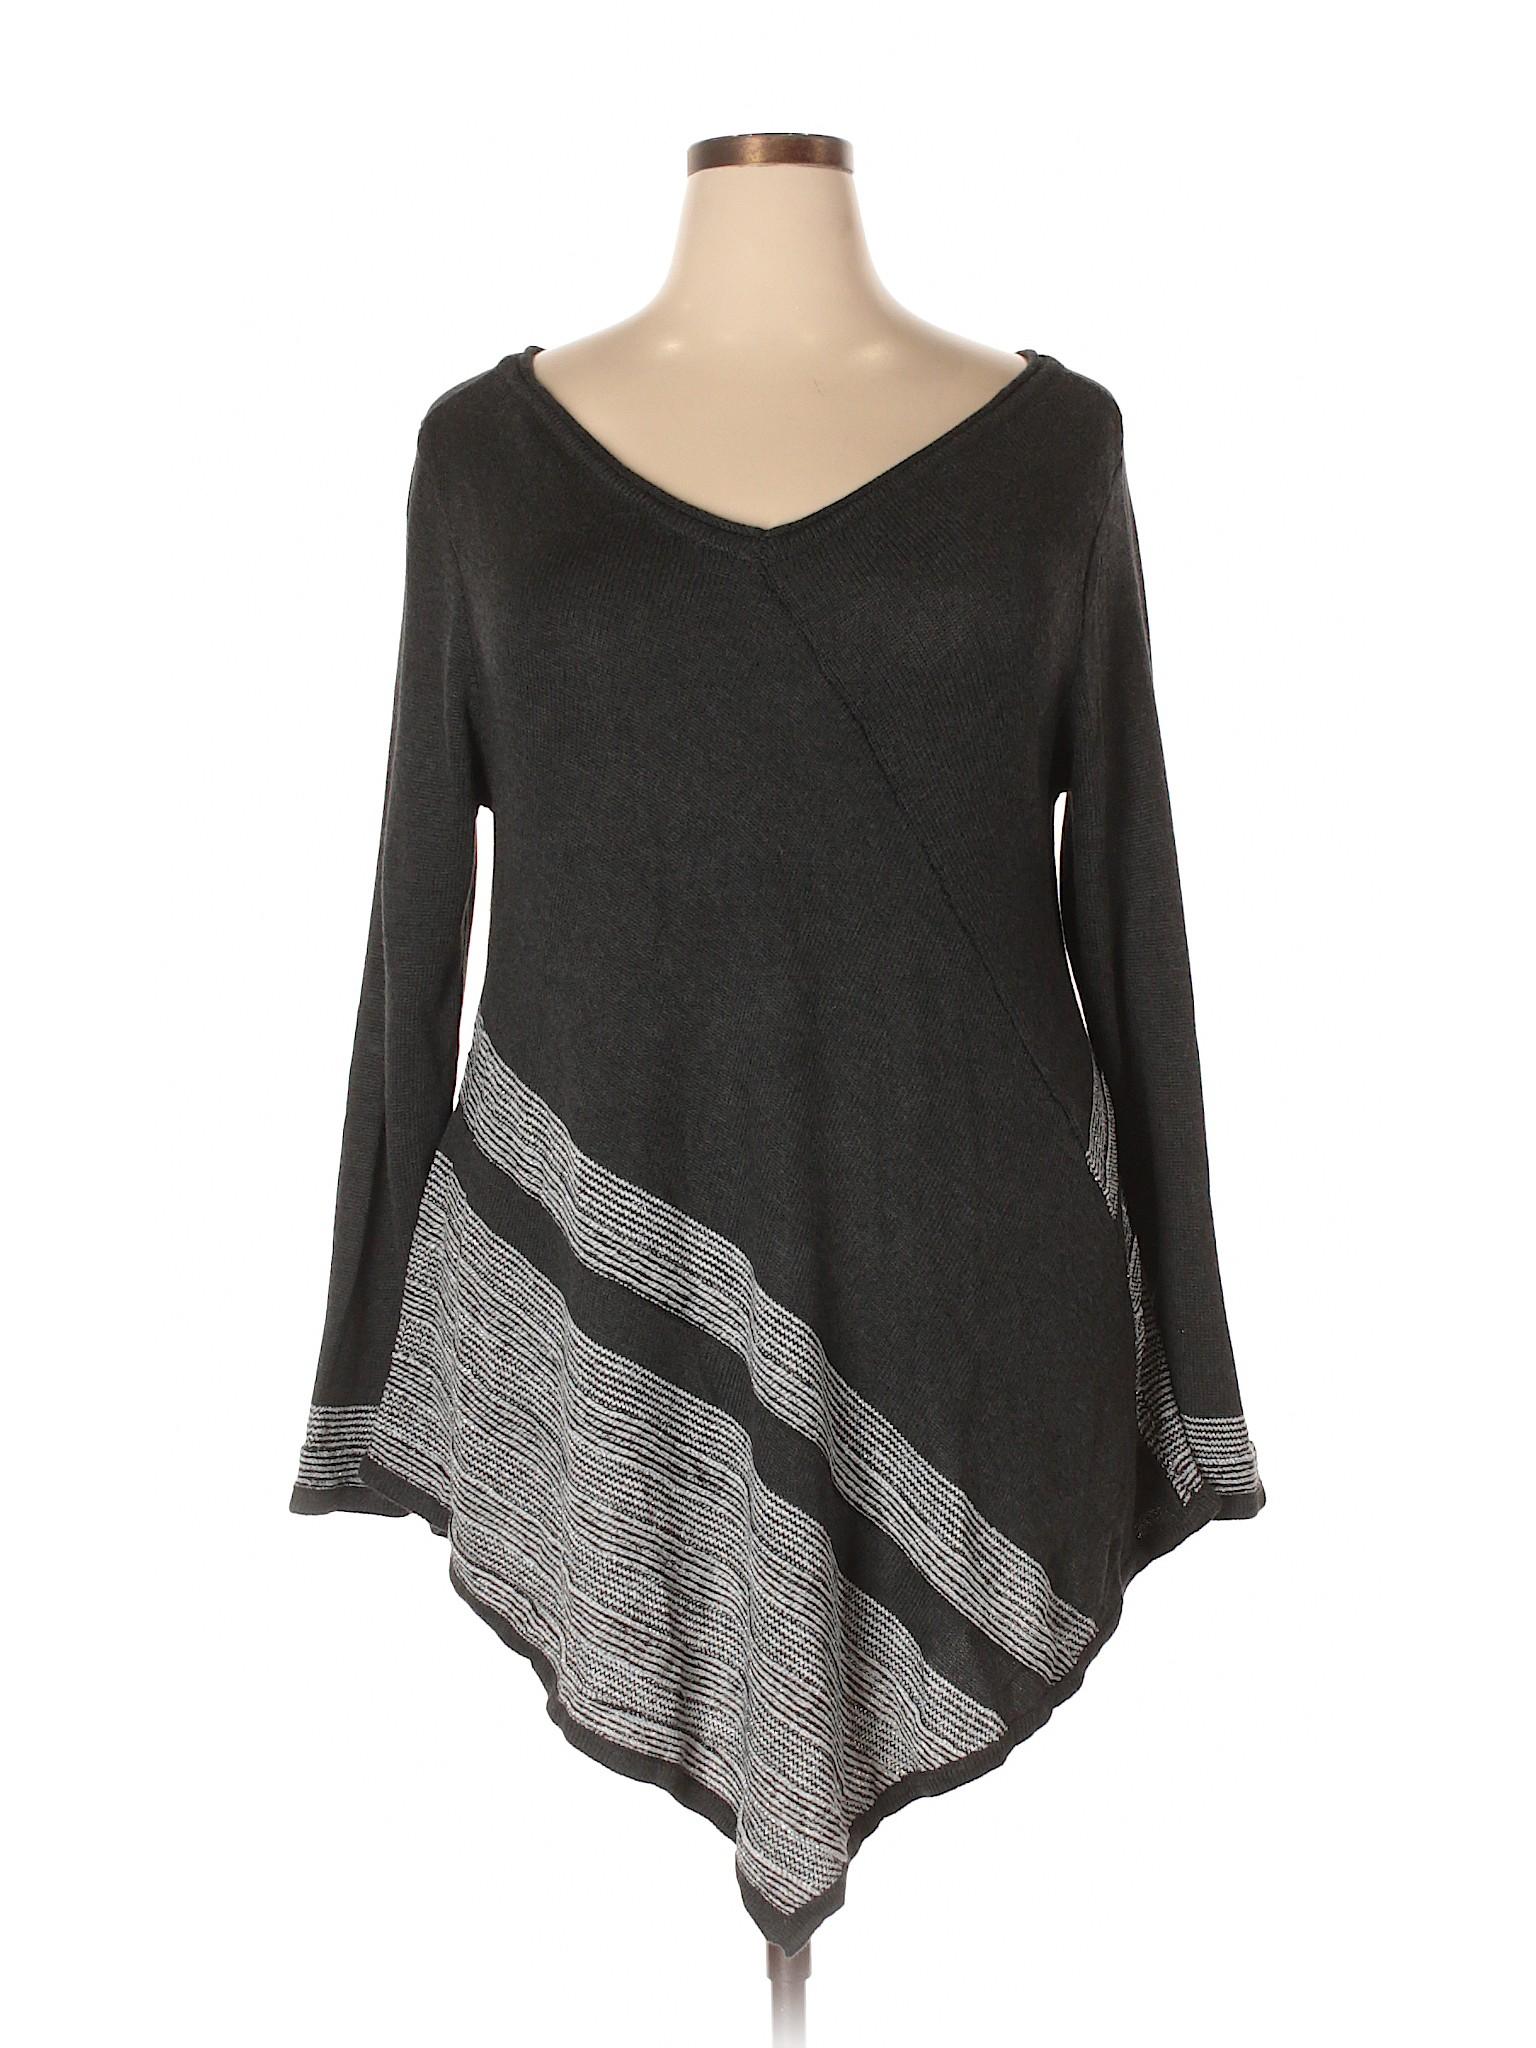 Pullover Boutique Boutique winter Sweater Belldini Belldini winter XwArvxZXq